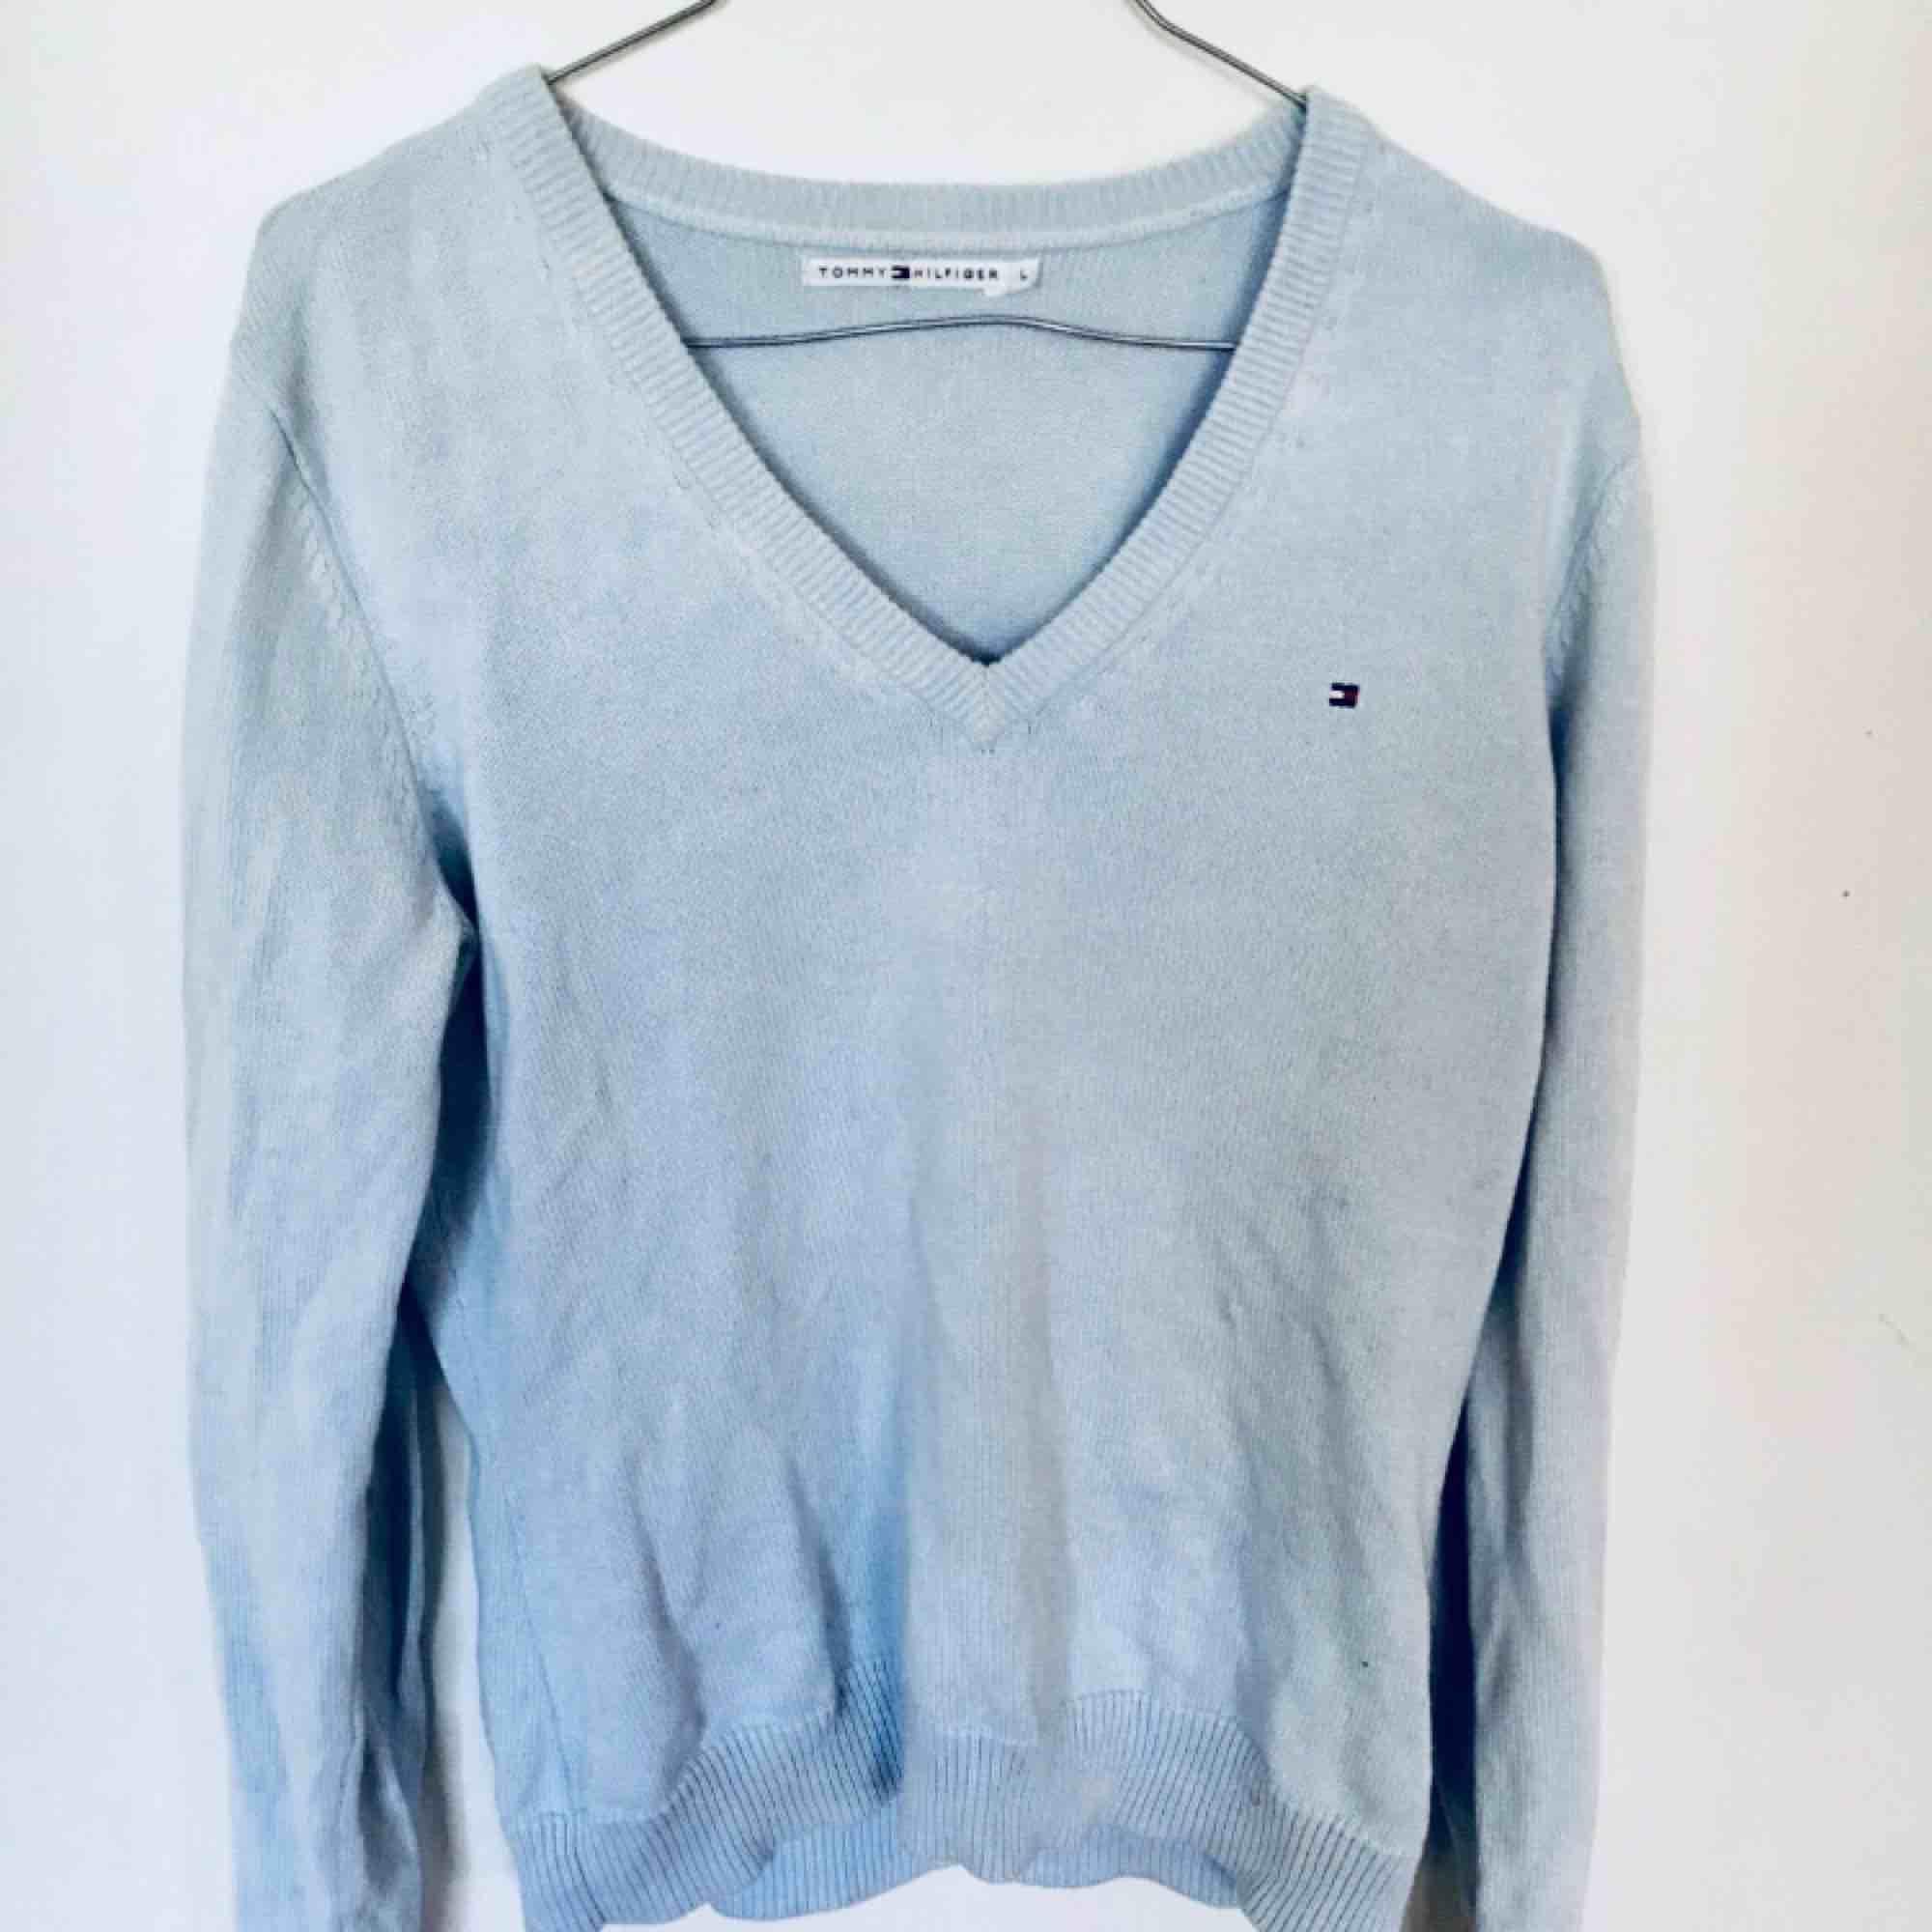 Jättefin tröja i bra skick från Tommy hilfiger☺️ frakt 25. Tröjor & Koftor.